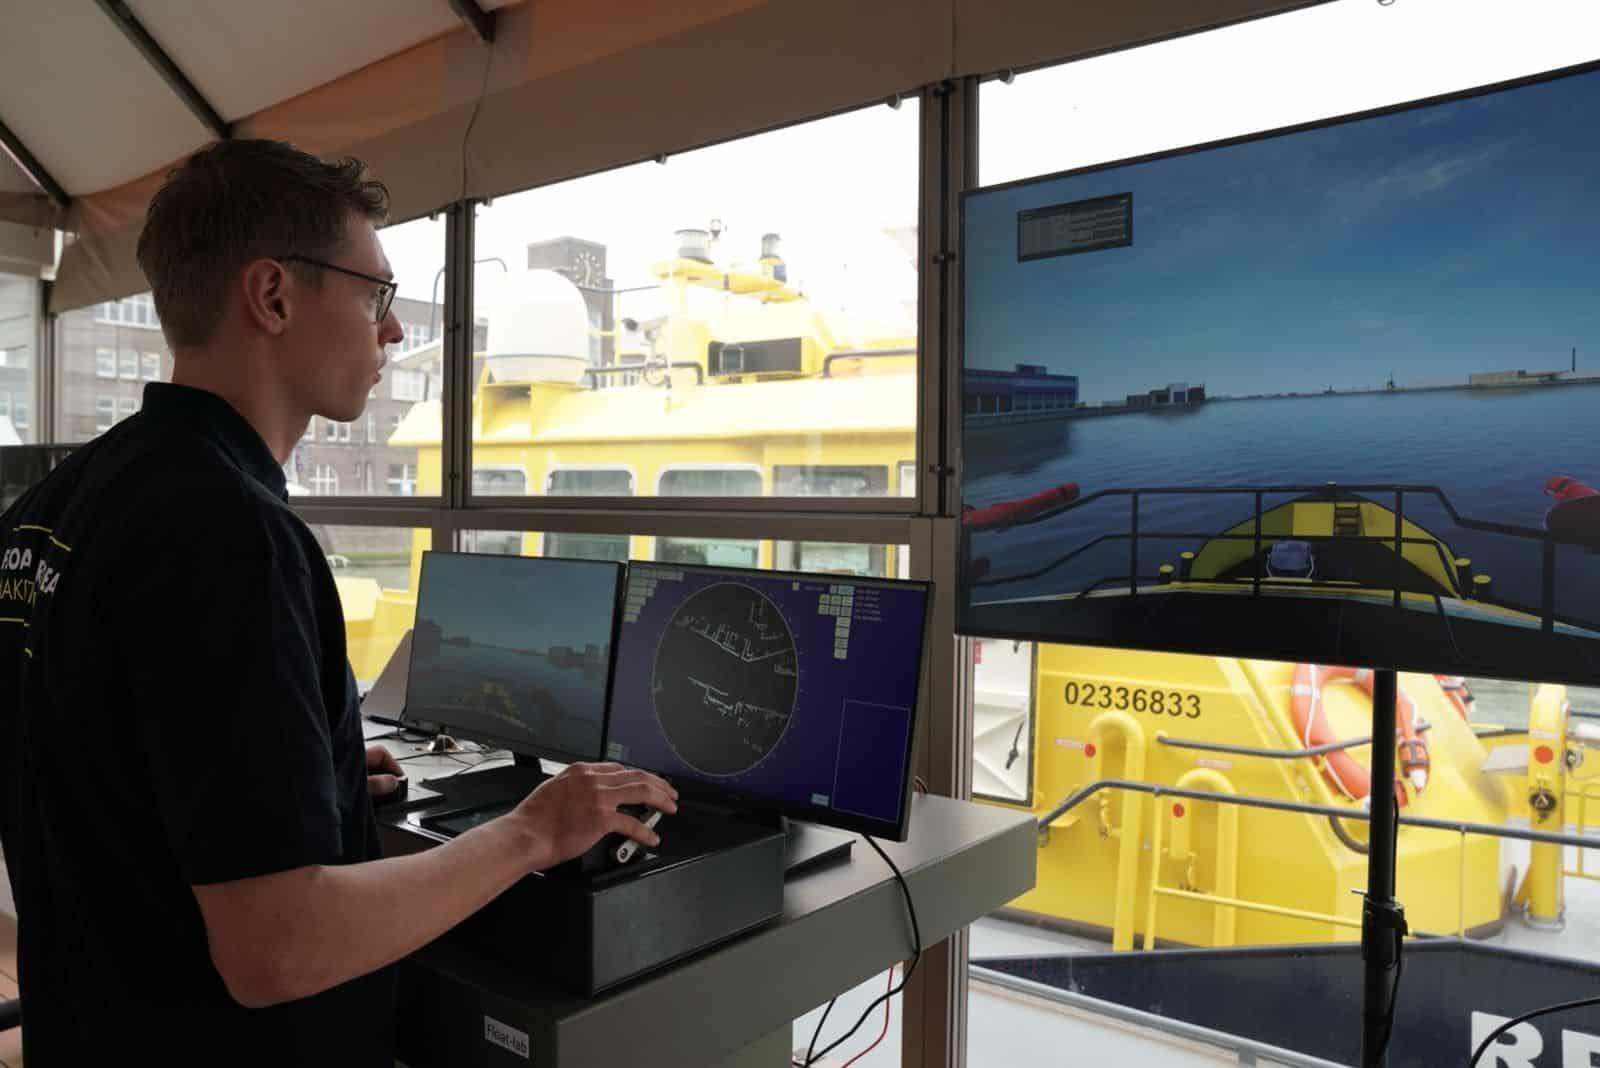 Port of Rotterdam Authority tests autonomous navigation